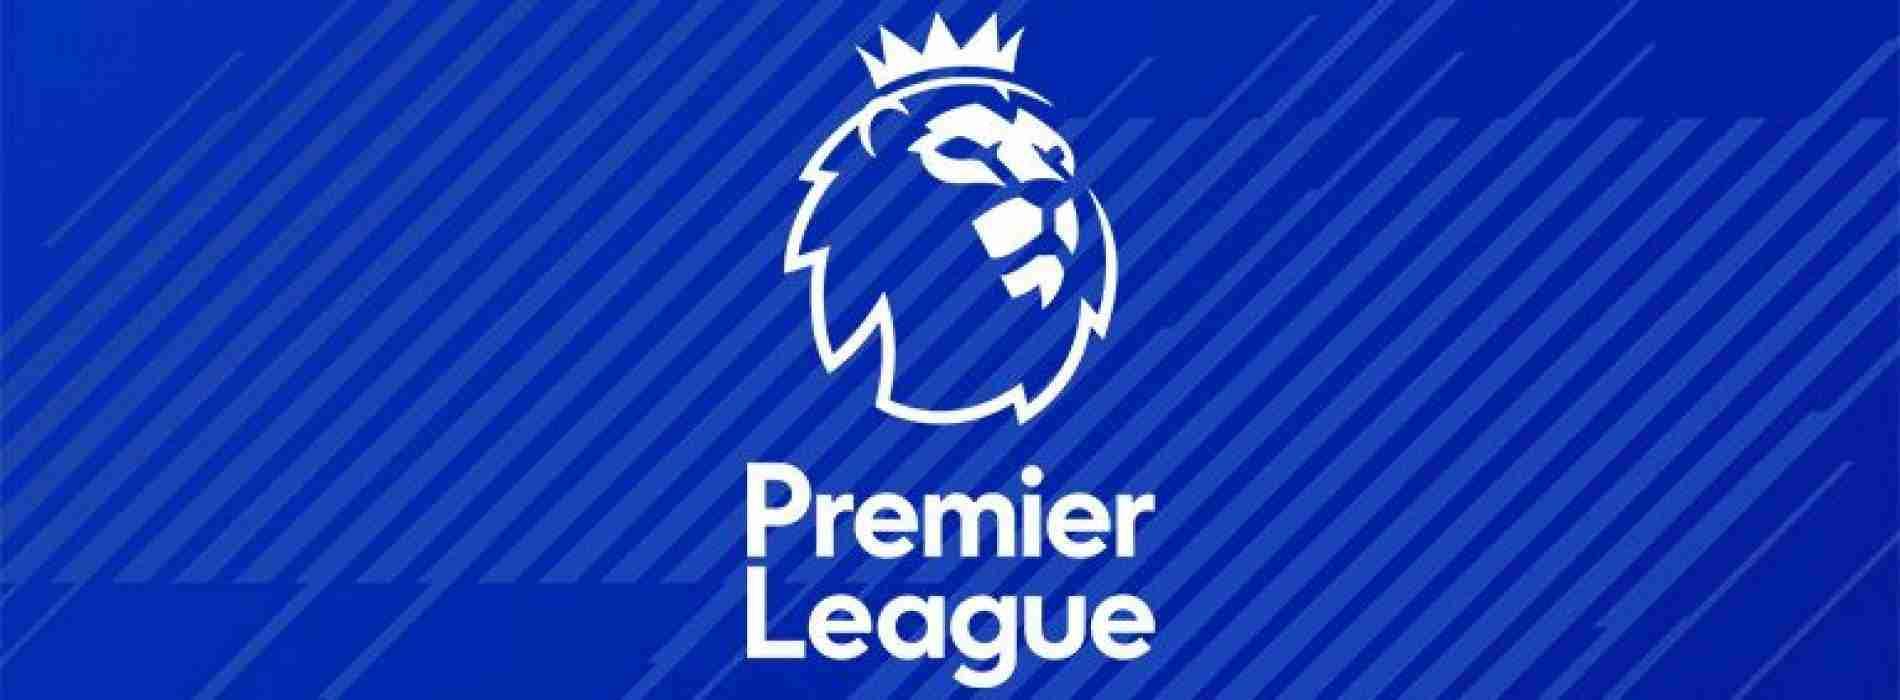 Calendario Partite Premier League.Premier League Ecco Il Calendario Della Prossima Stagione